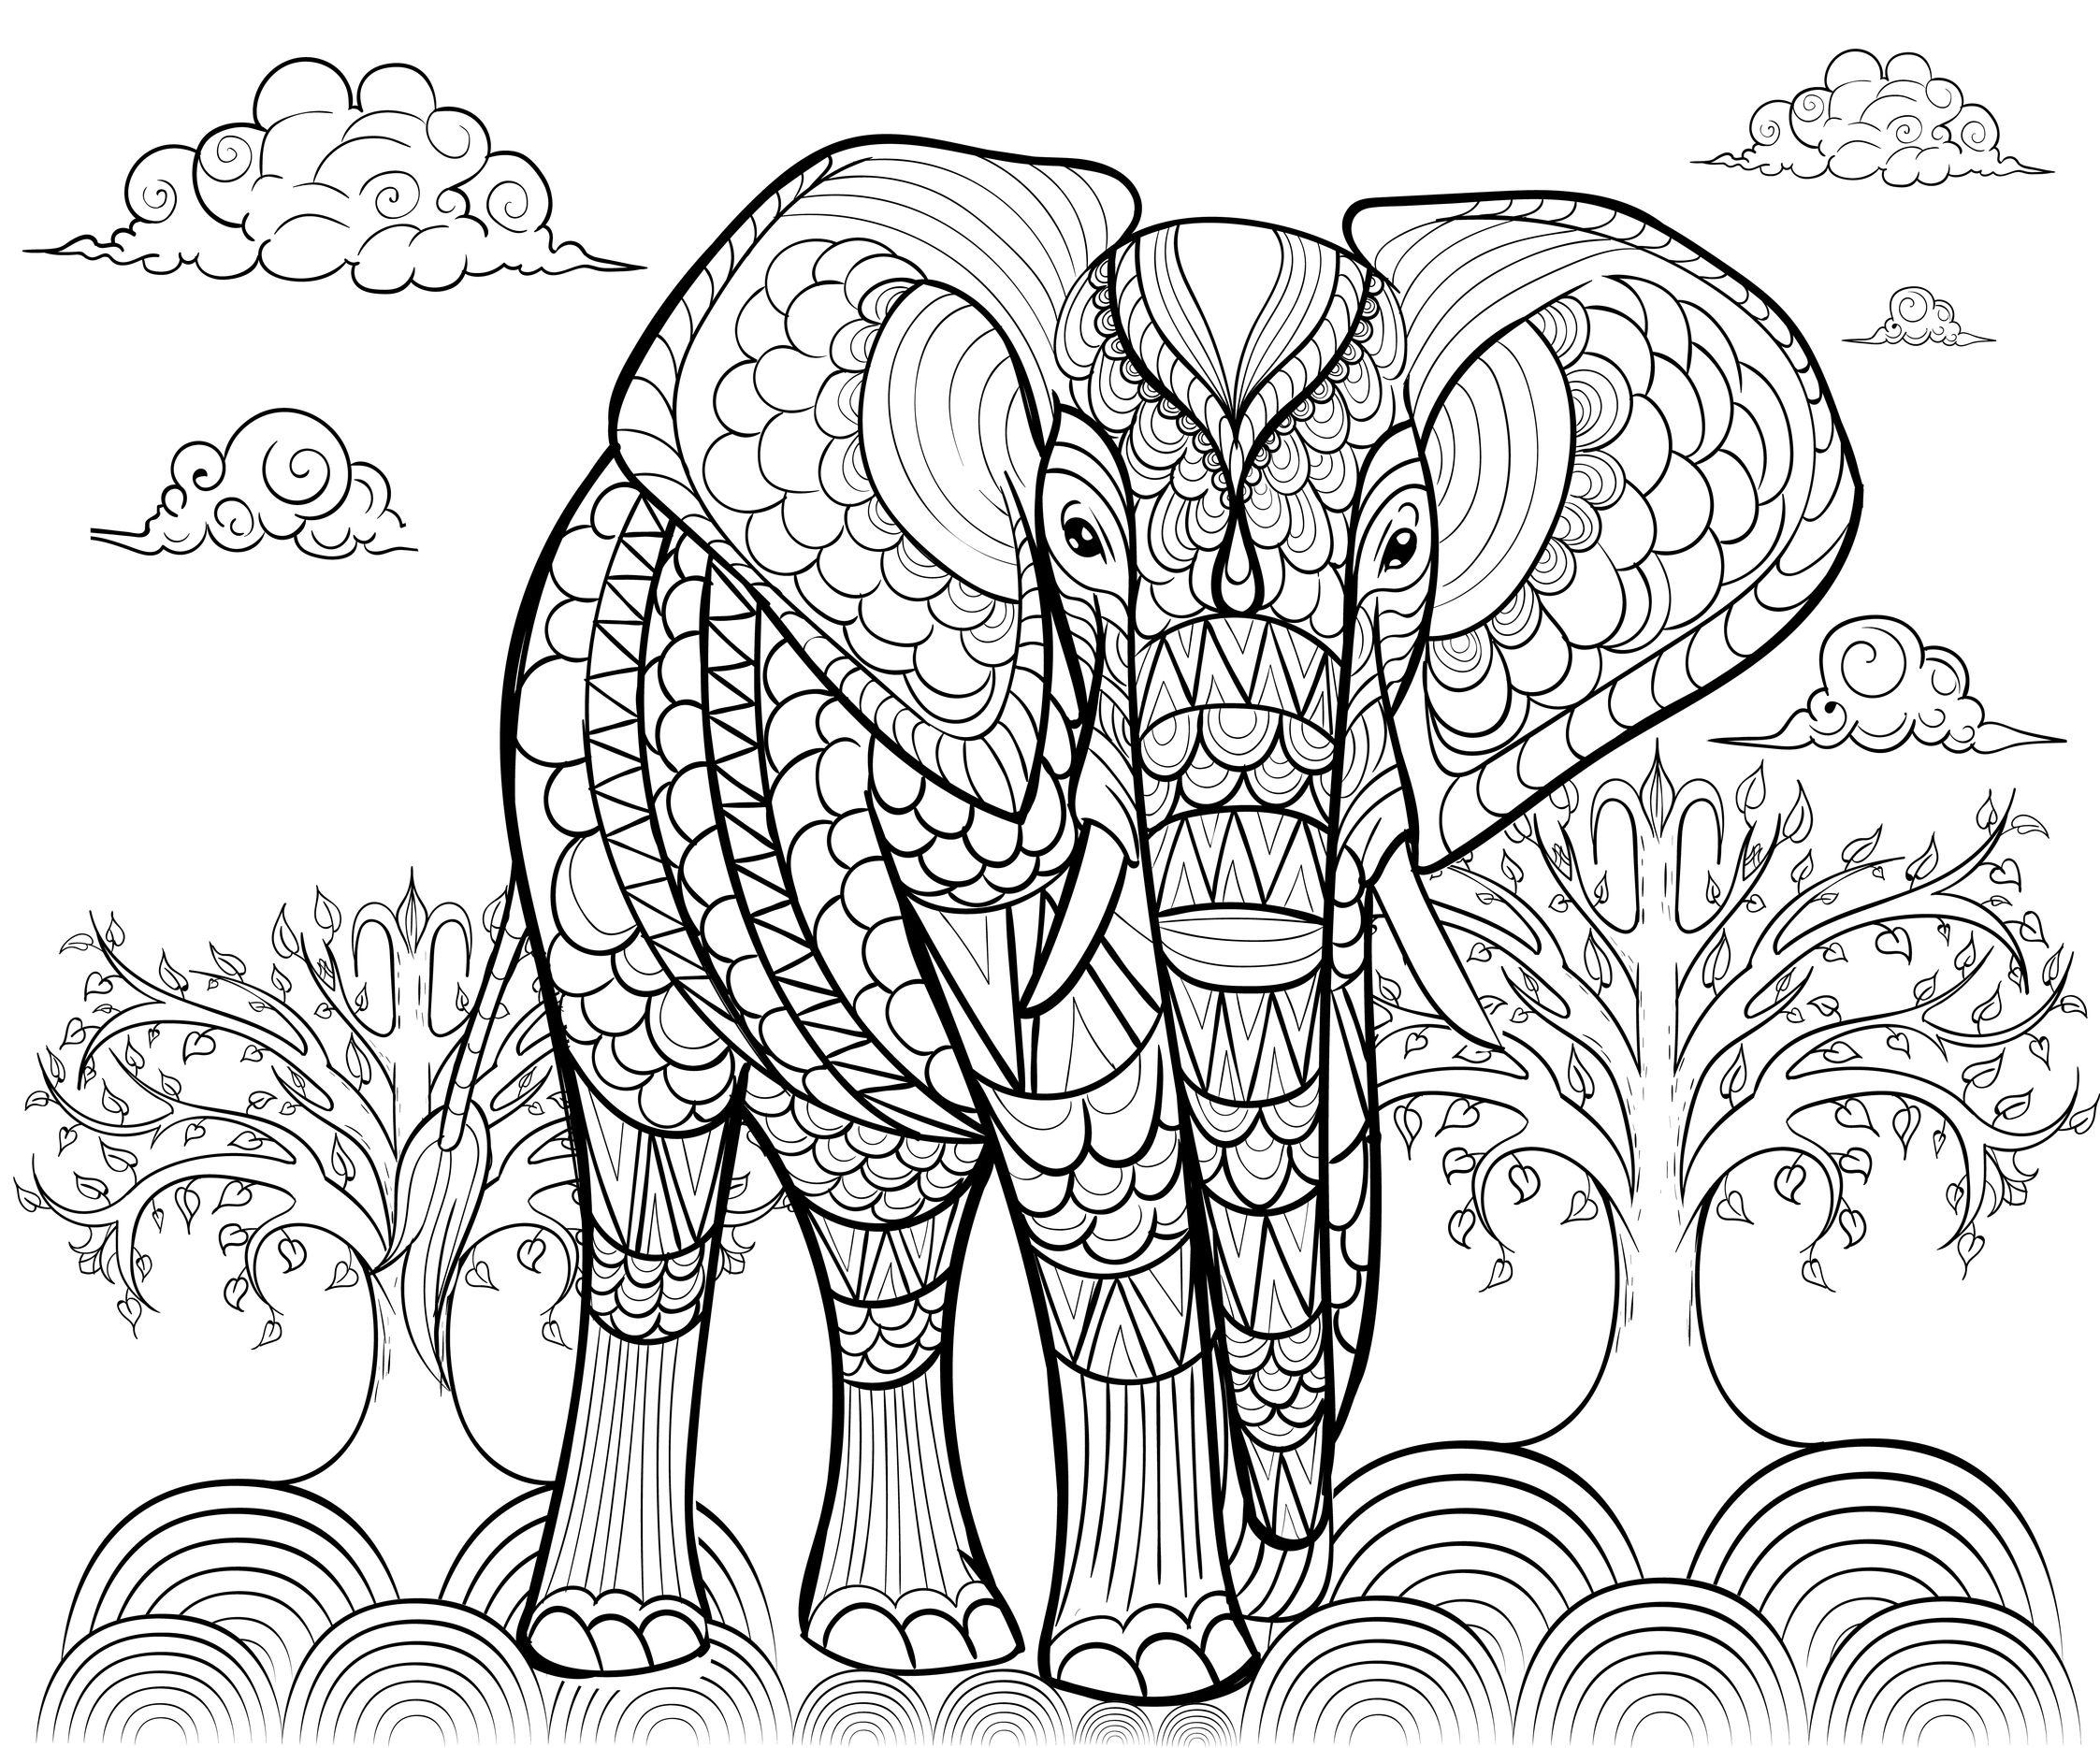 Un éléphant impressionnant, plein de motifs harmonieuxA partir de la galerie : Animaux